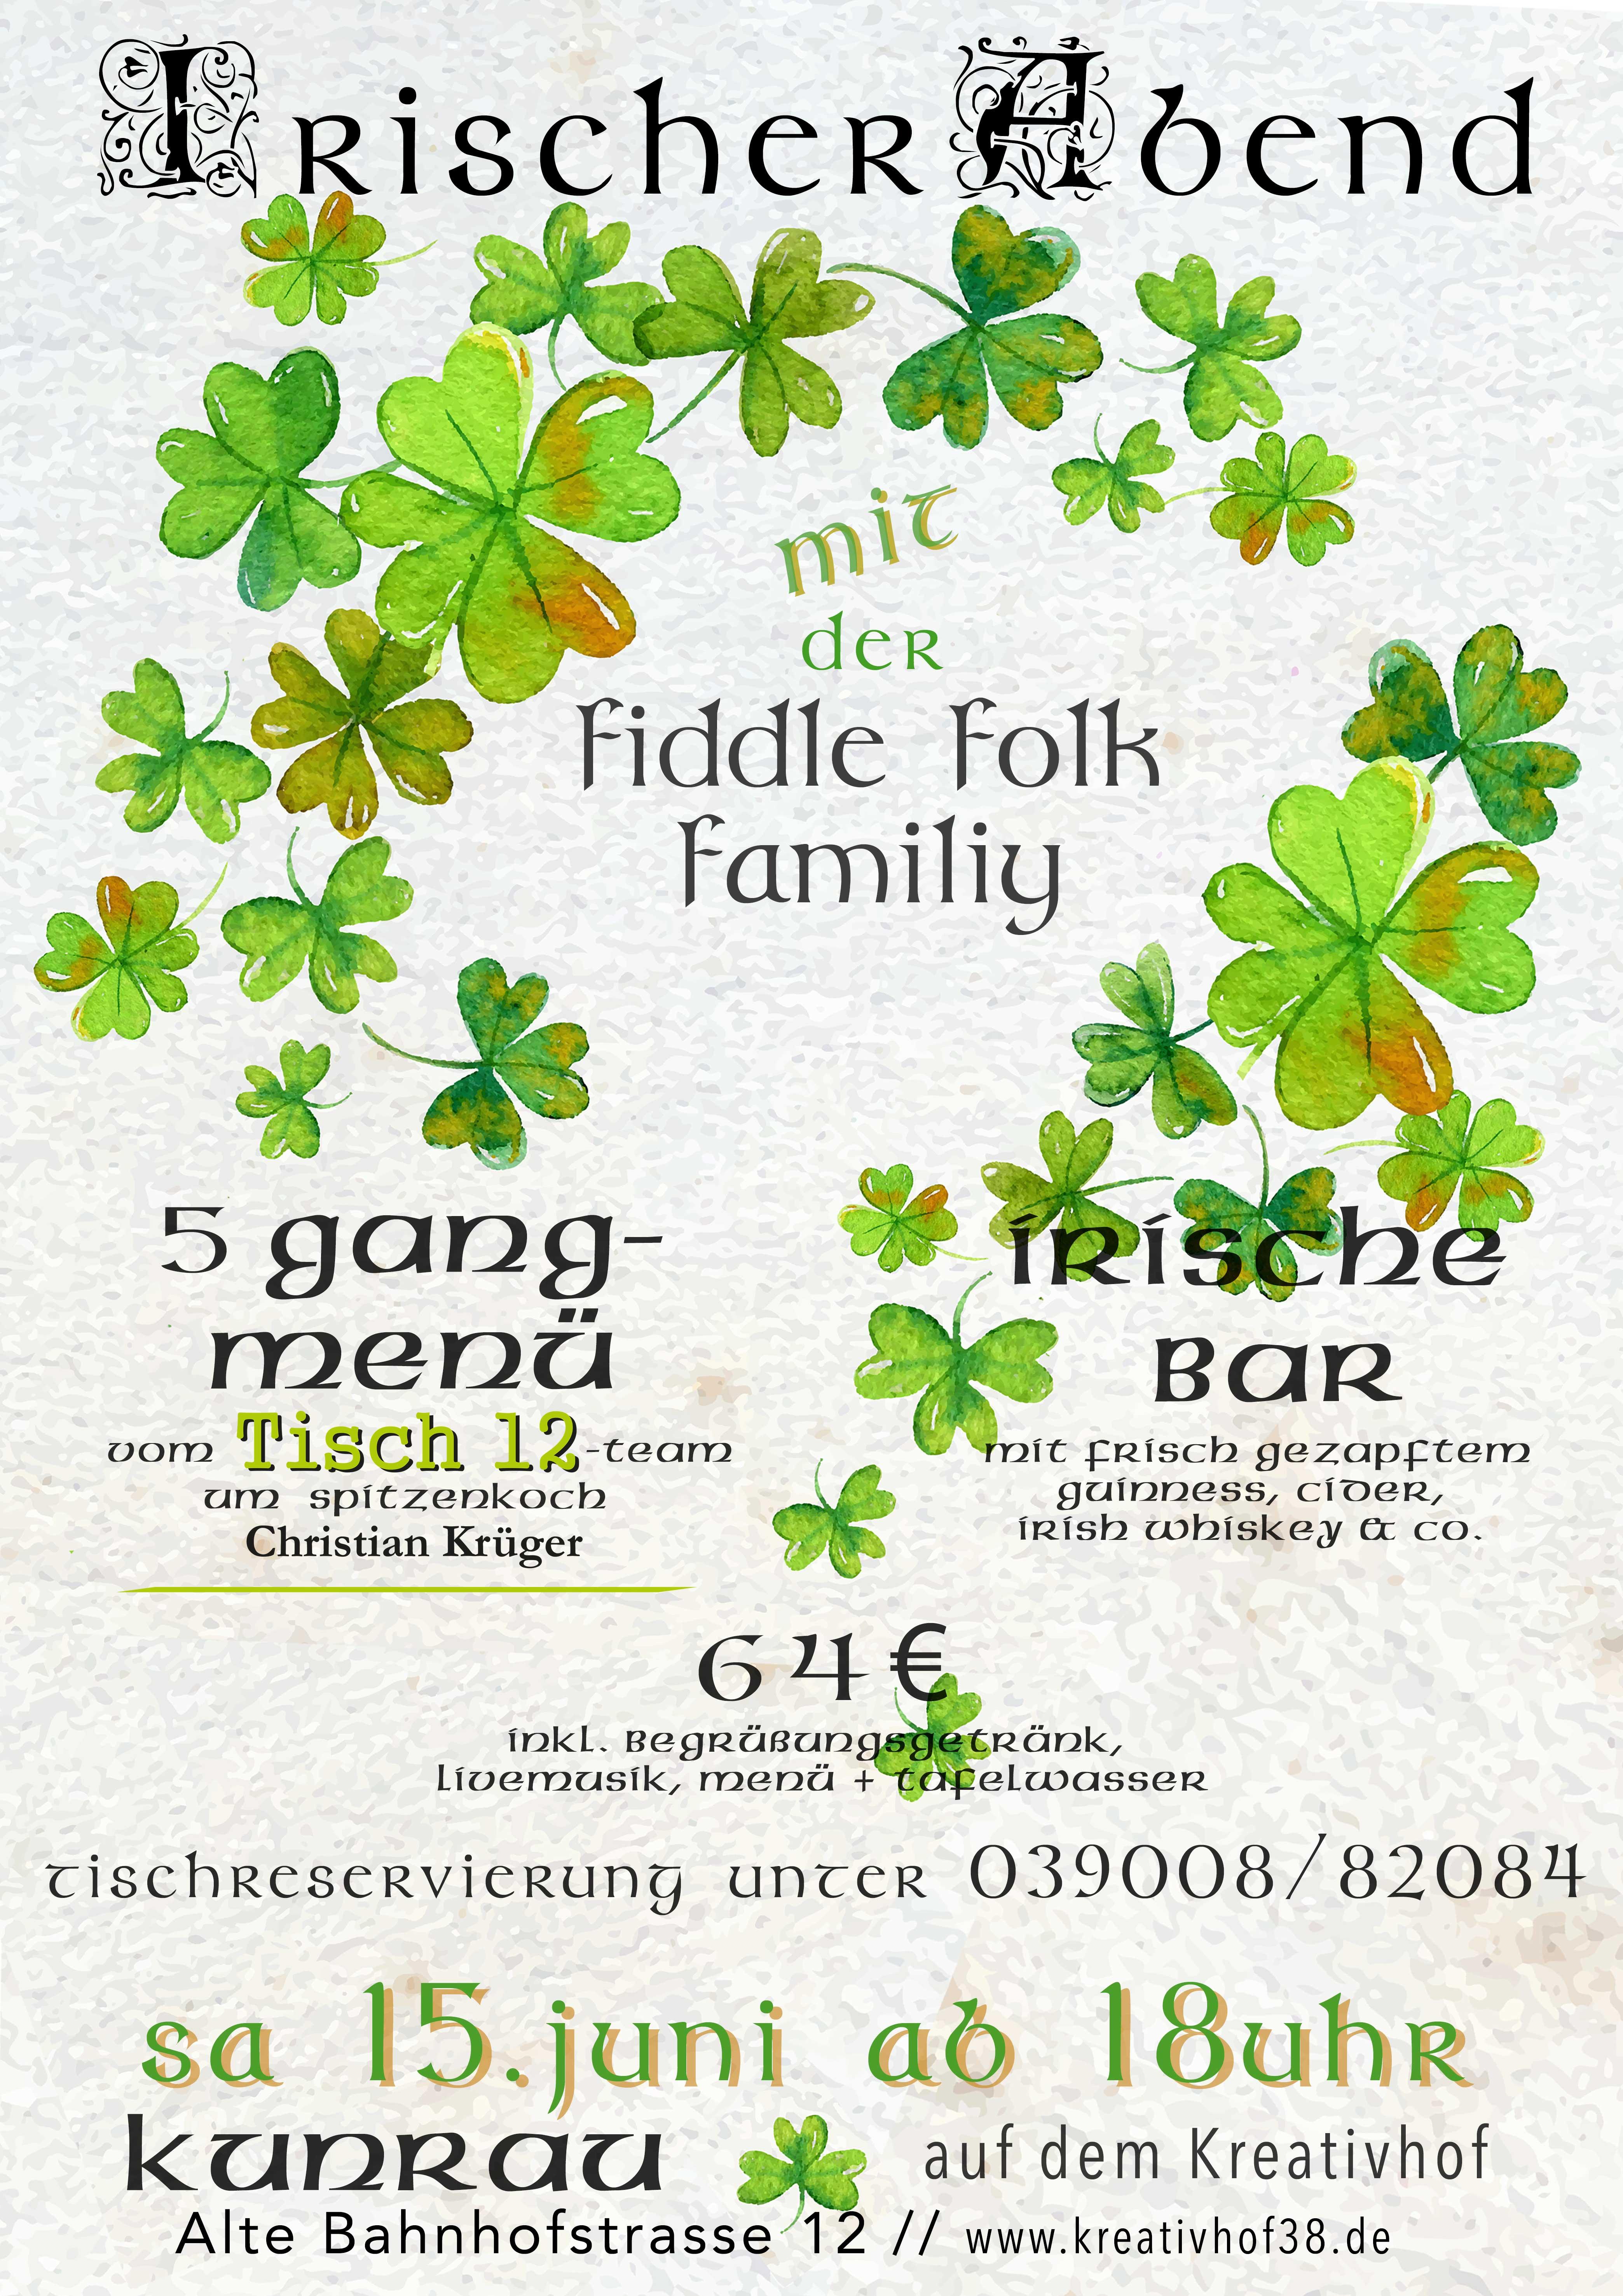 Irischer Abend auf dem Kreativhof Kunrau mit Tisch 12 und der Fiddle Folk Family